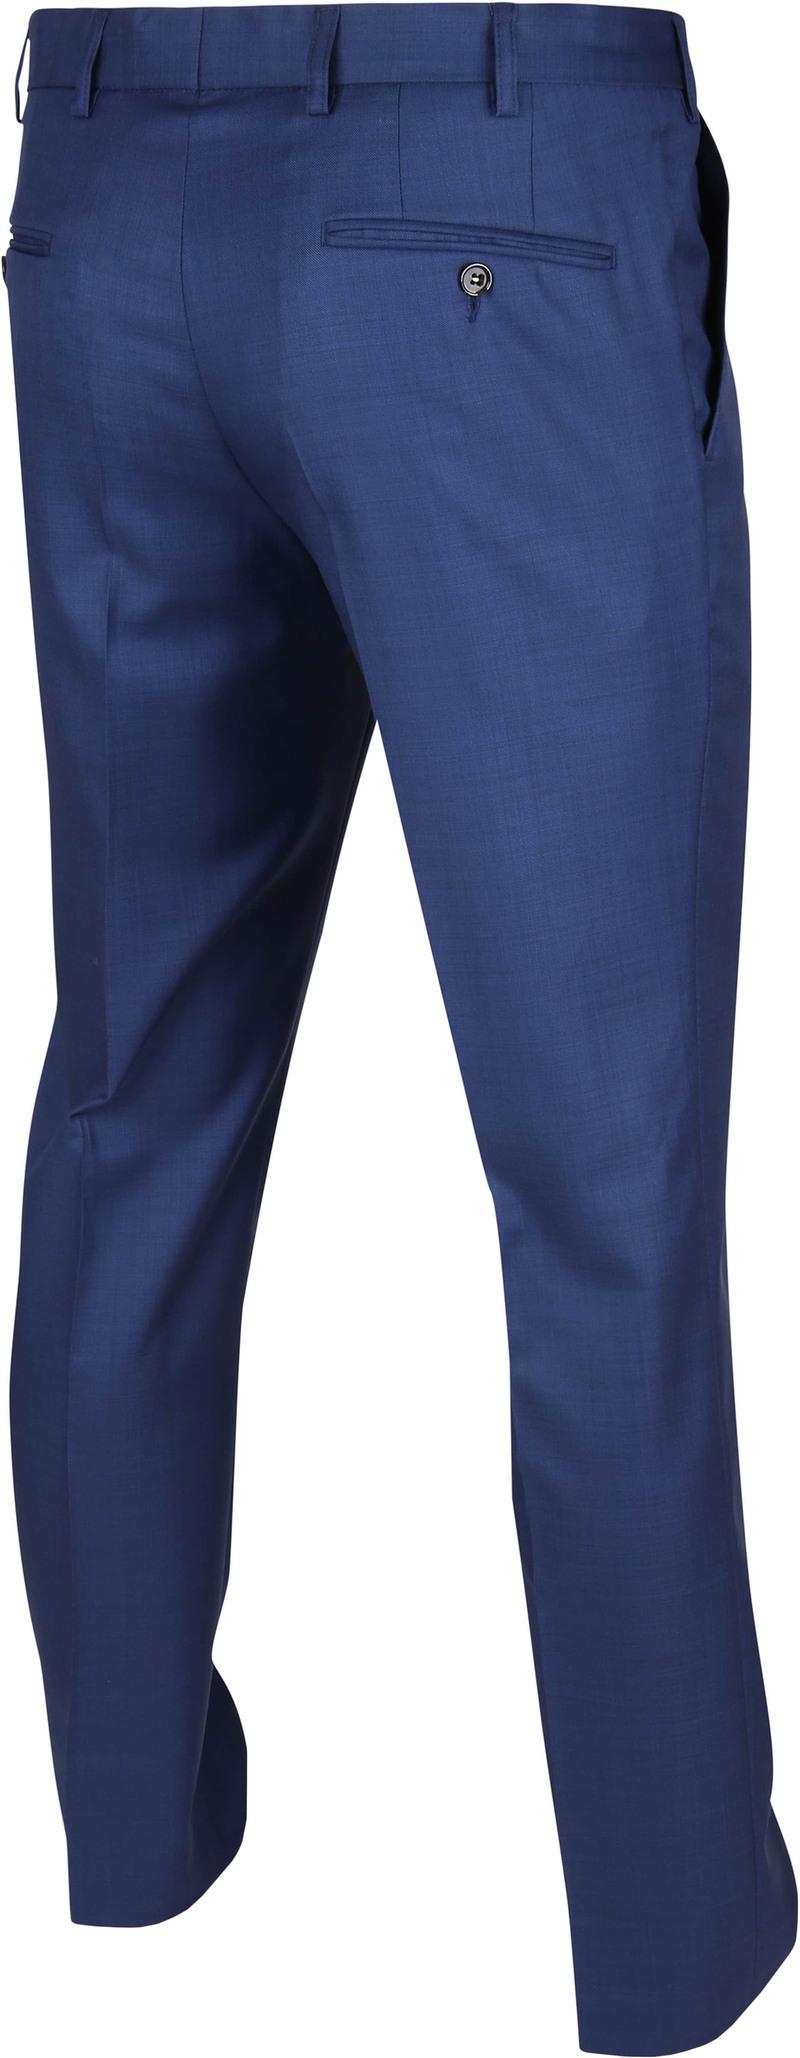 Suitable Pantalon Evans Blauw foto 3